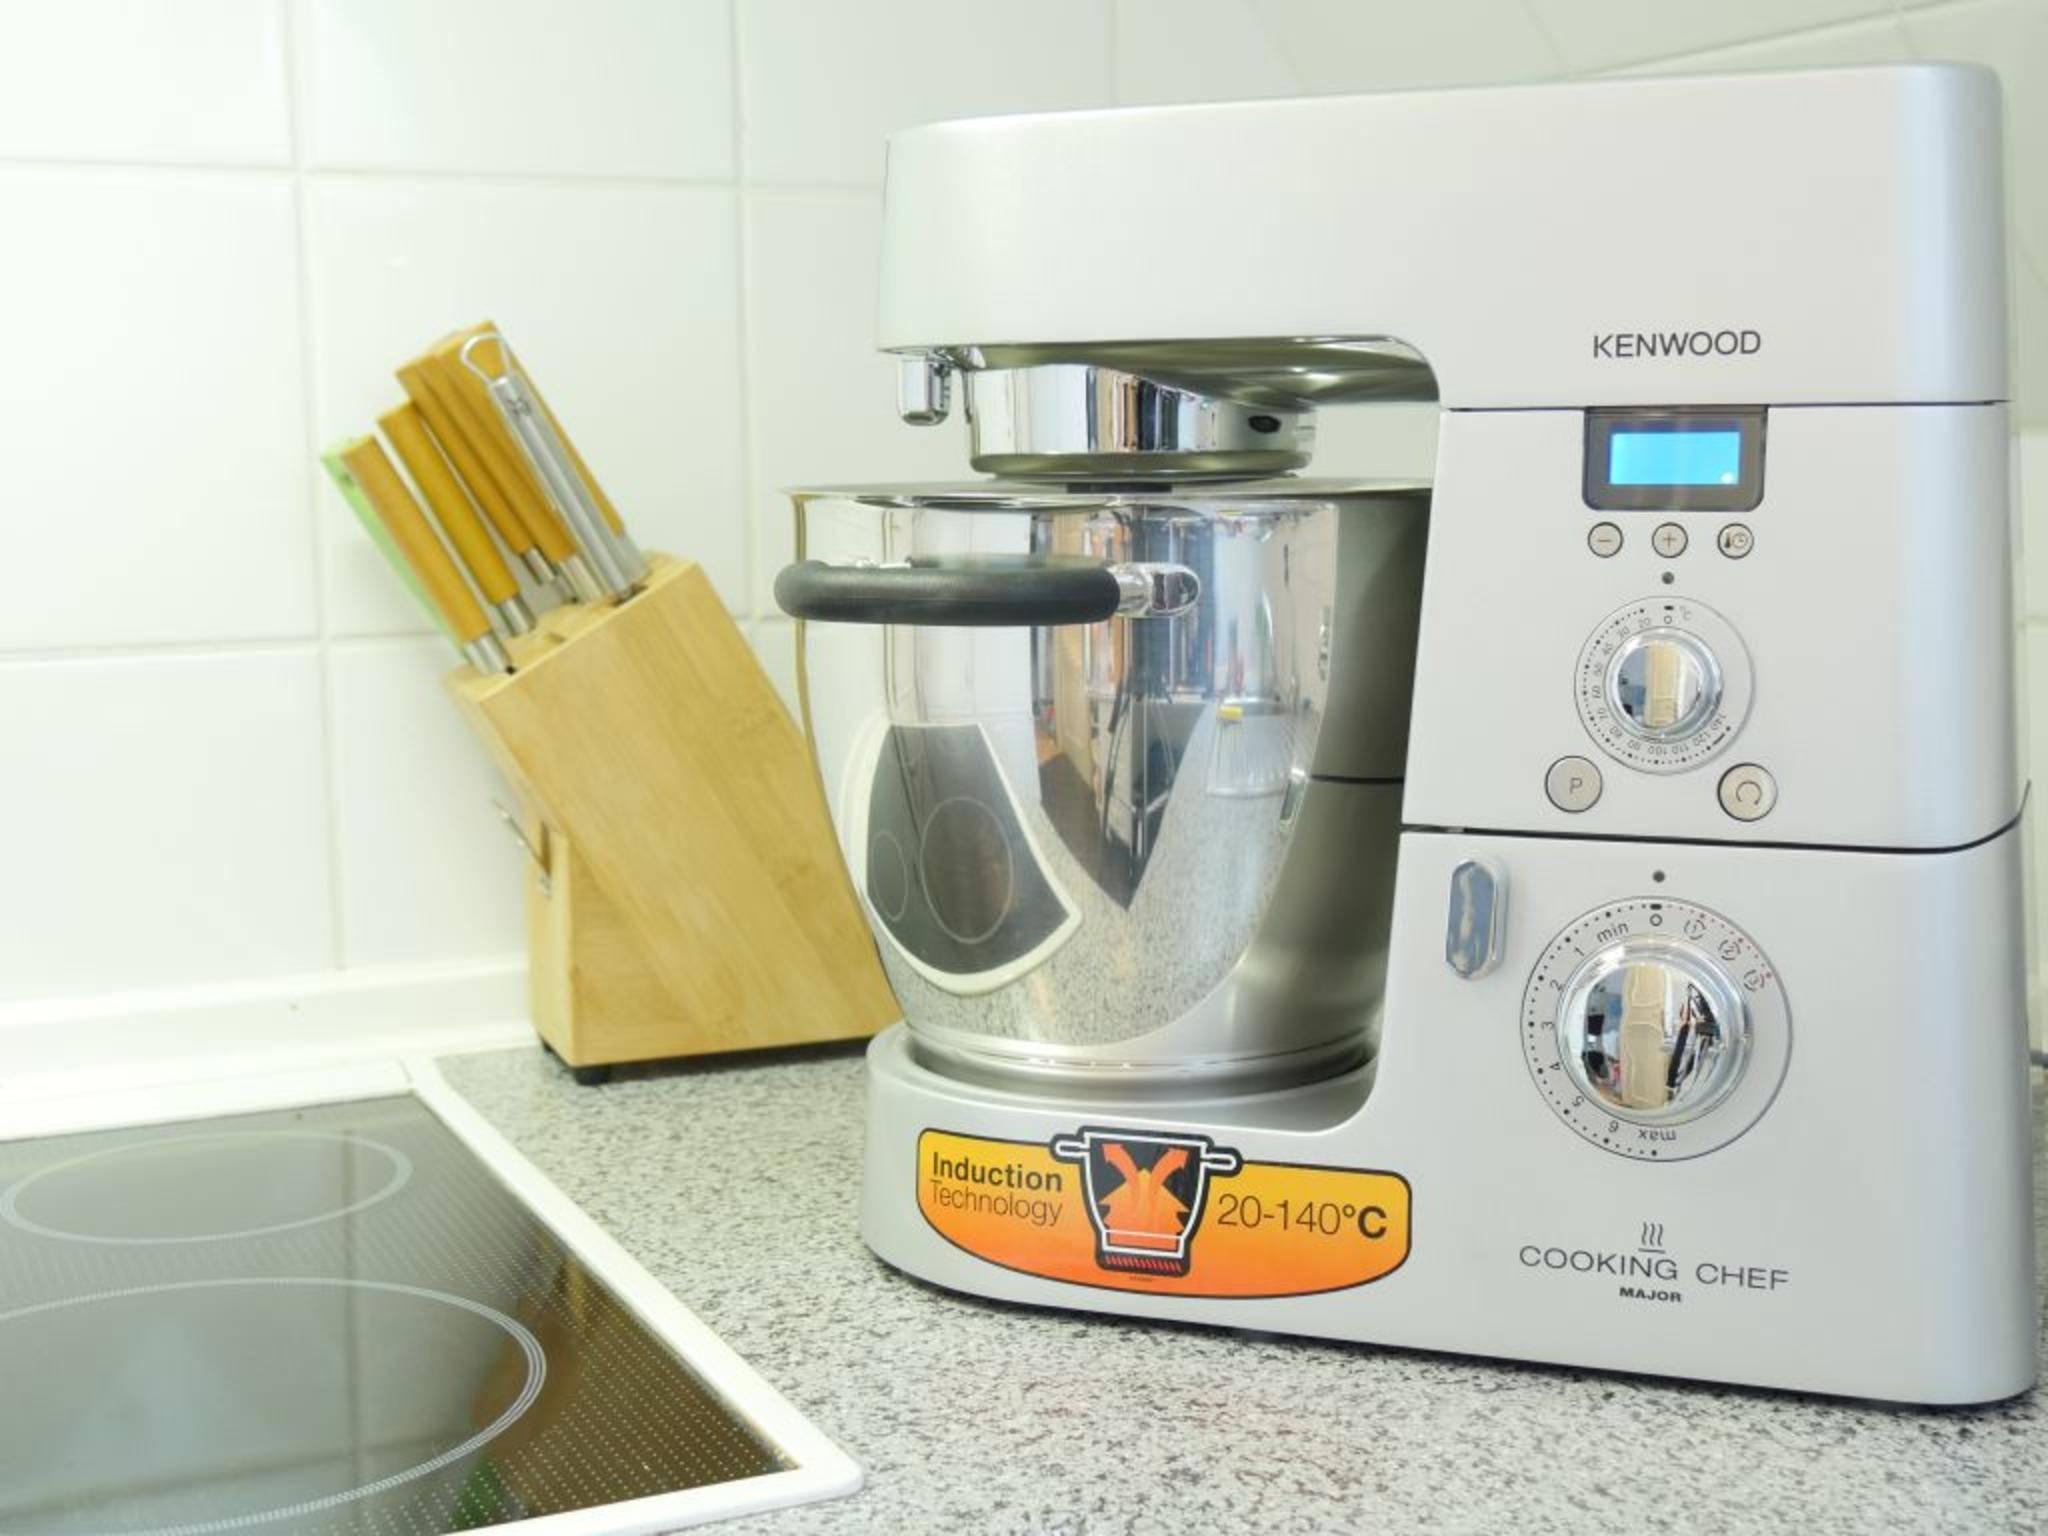 Eine Küchenmaschine wie der Kenwood Cooking Chef ist vielseitig einsetzbar und kann so einige Aufgaben sehr erleichtern.